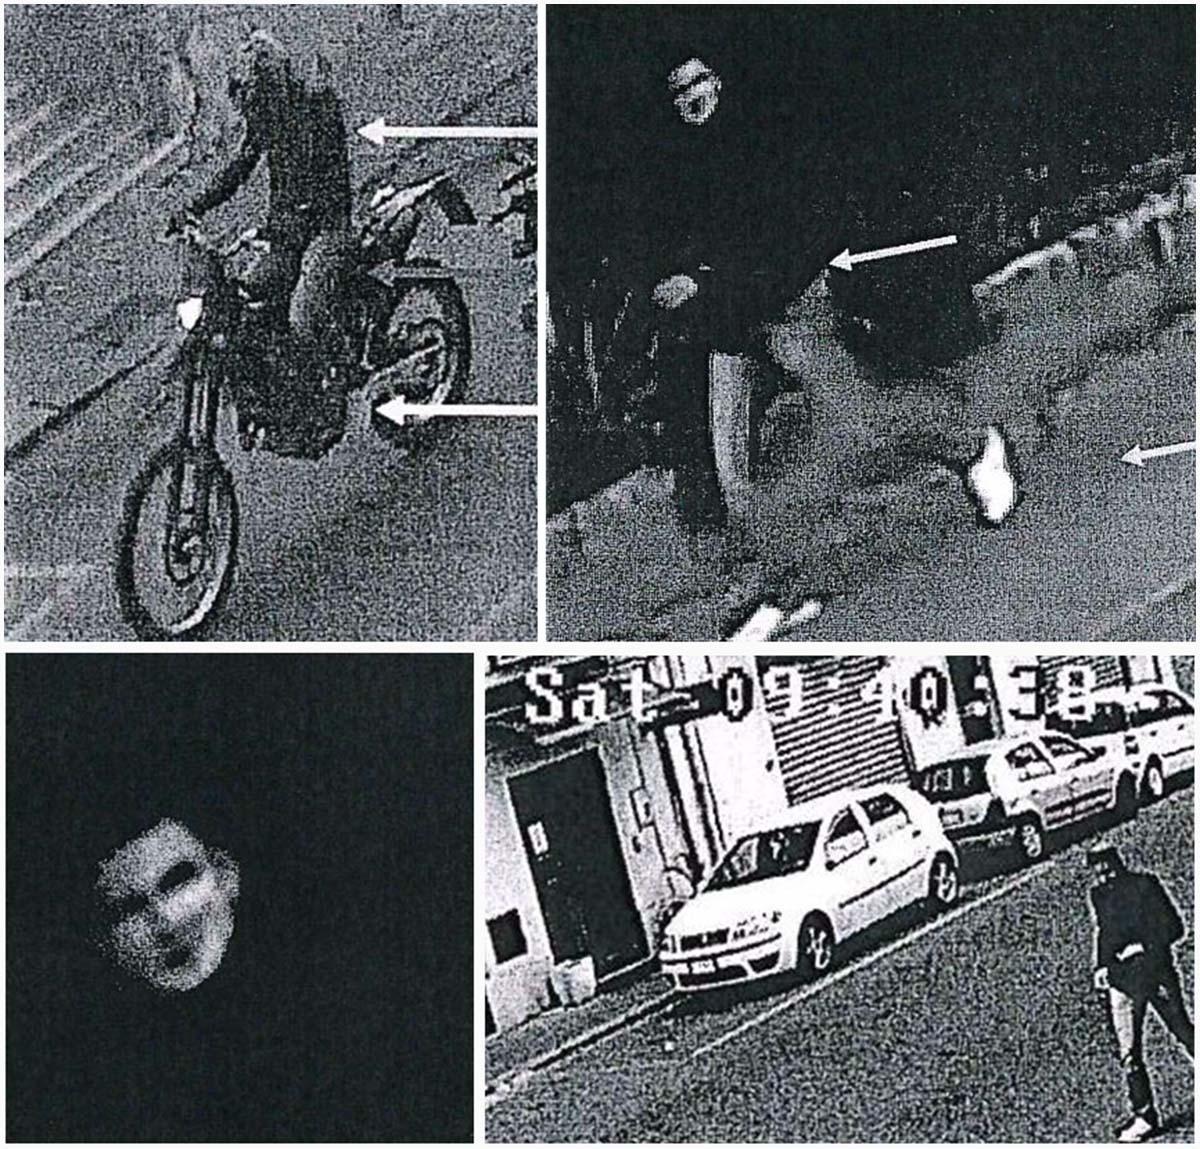 Una sequenza della ricostruzione dell'identikit del presunto killer di Gregorio Mezzatesta, Marco Gallo